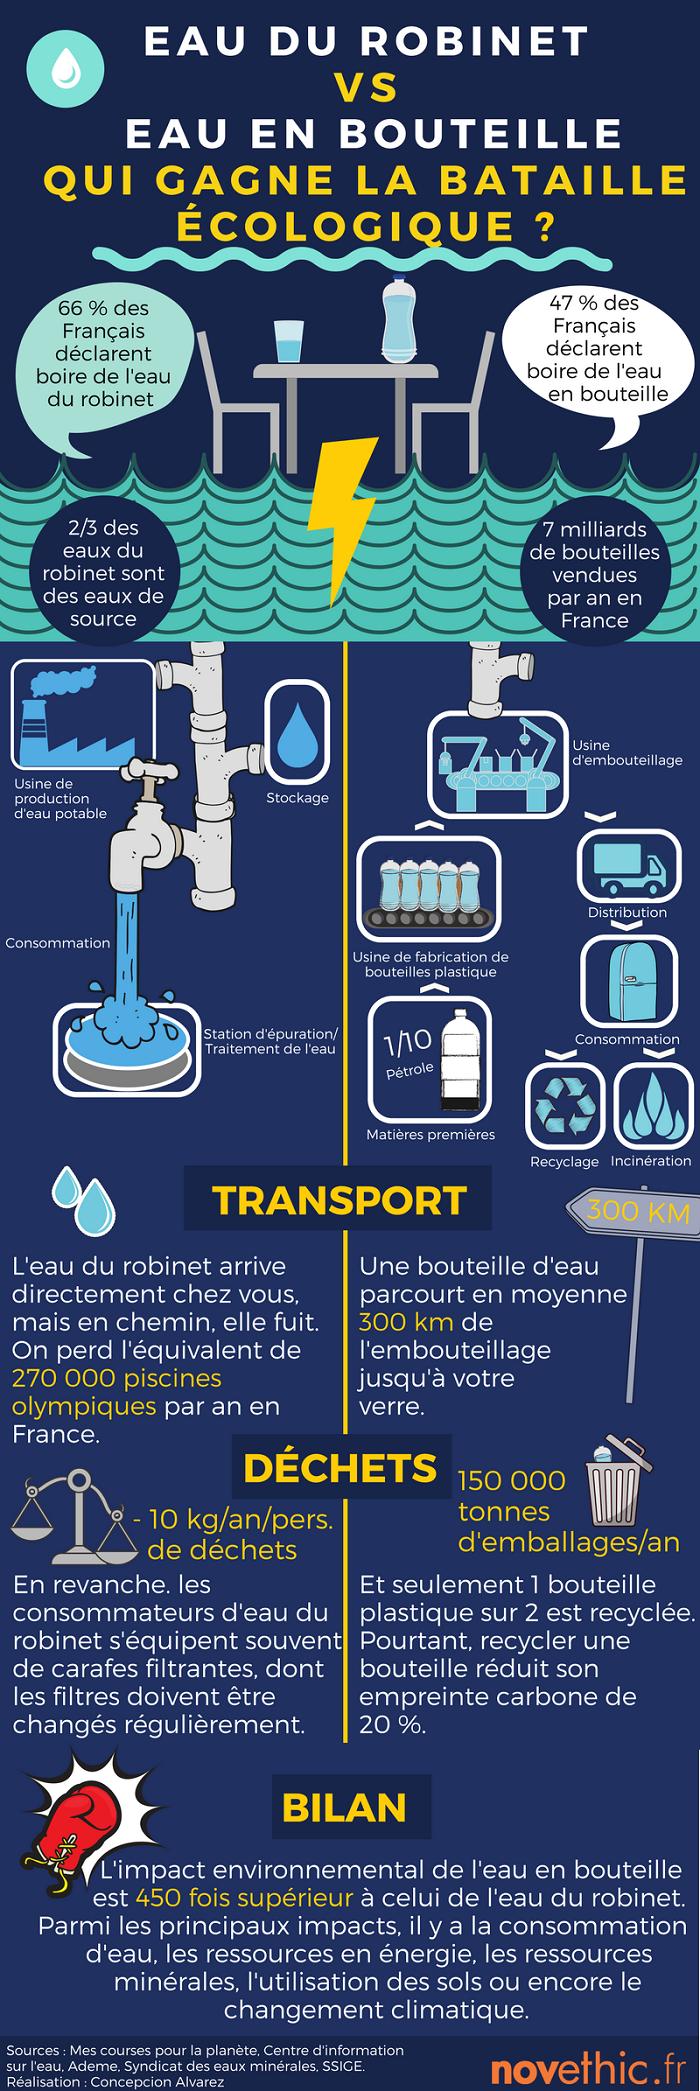 Infographie eau du robinet et eau en bouteille sur le ring de l 39 cologie - Eau en bouteille vs eau du robinet ...